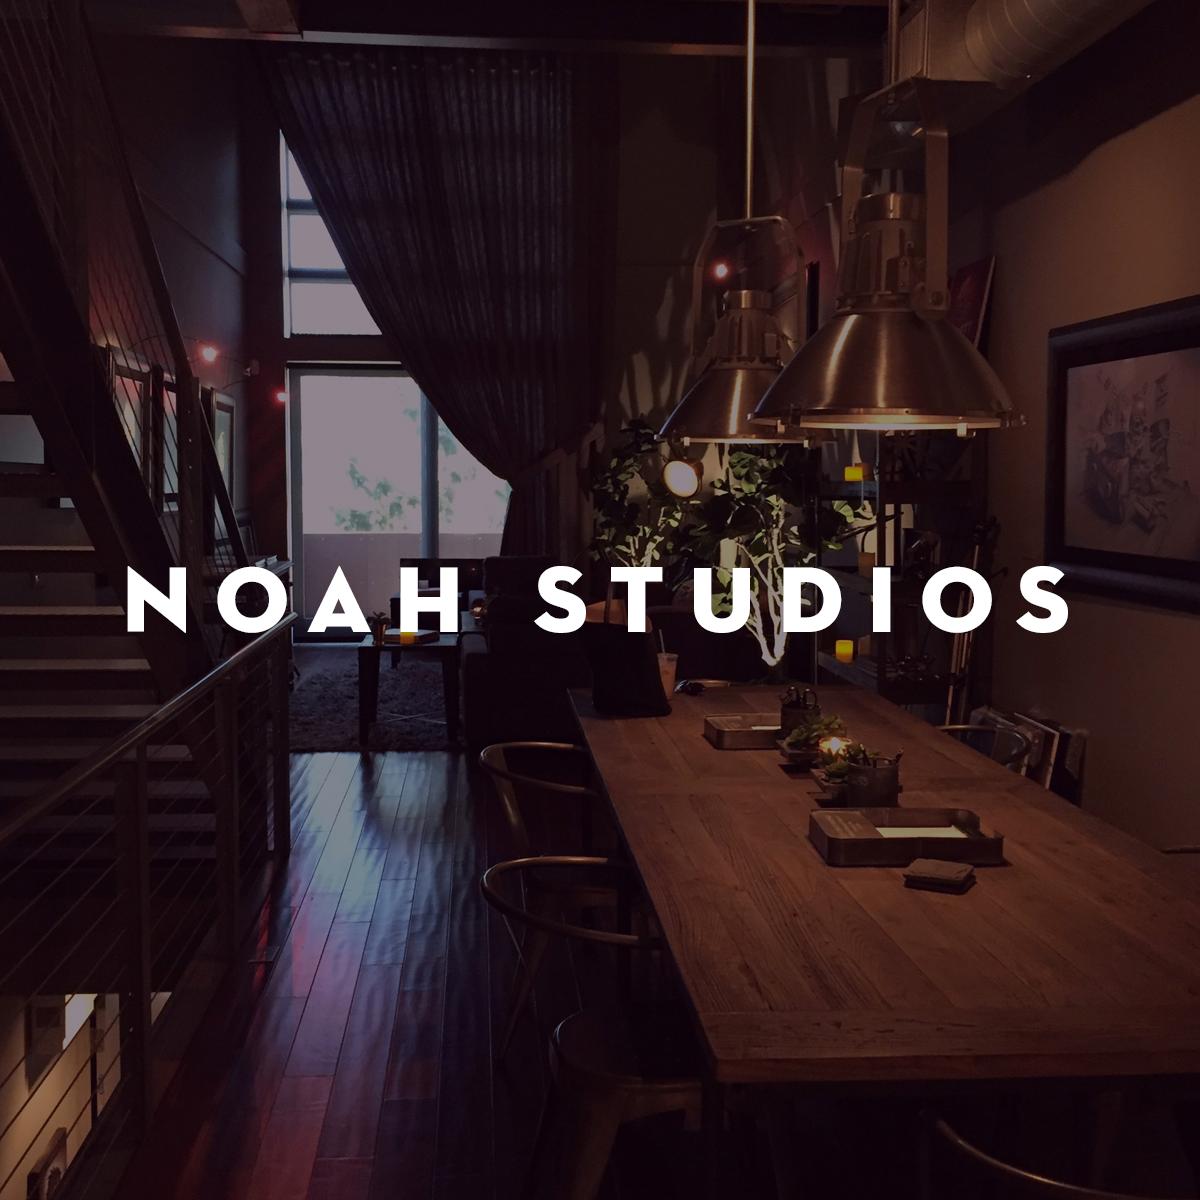 noah_studios_img_2